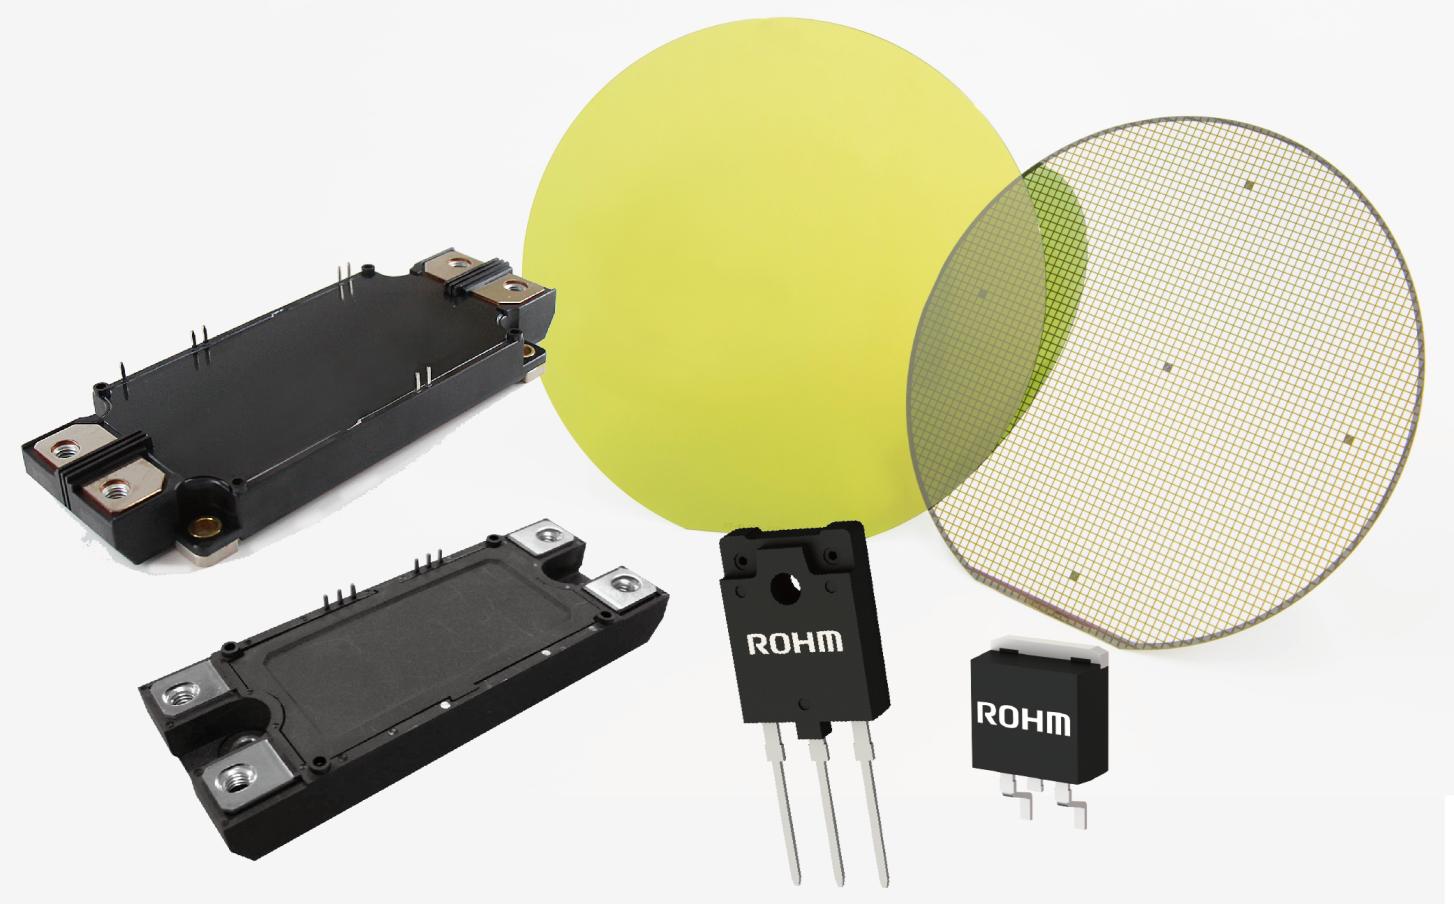 緯湃科技和羅姆攜手打造SiC電源解決方案